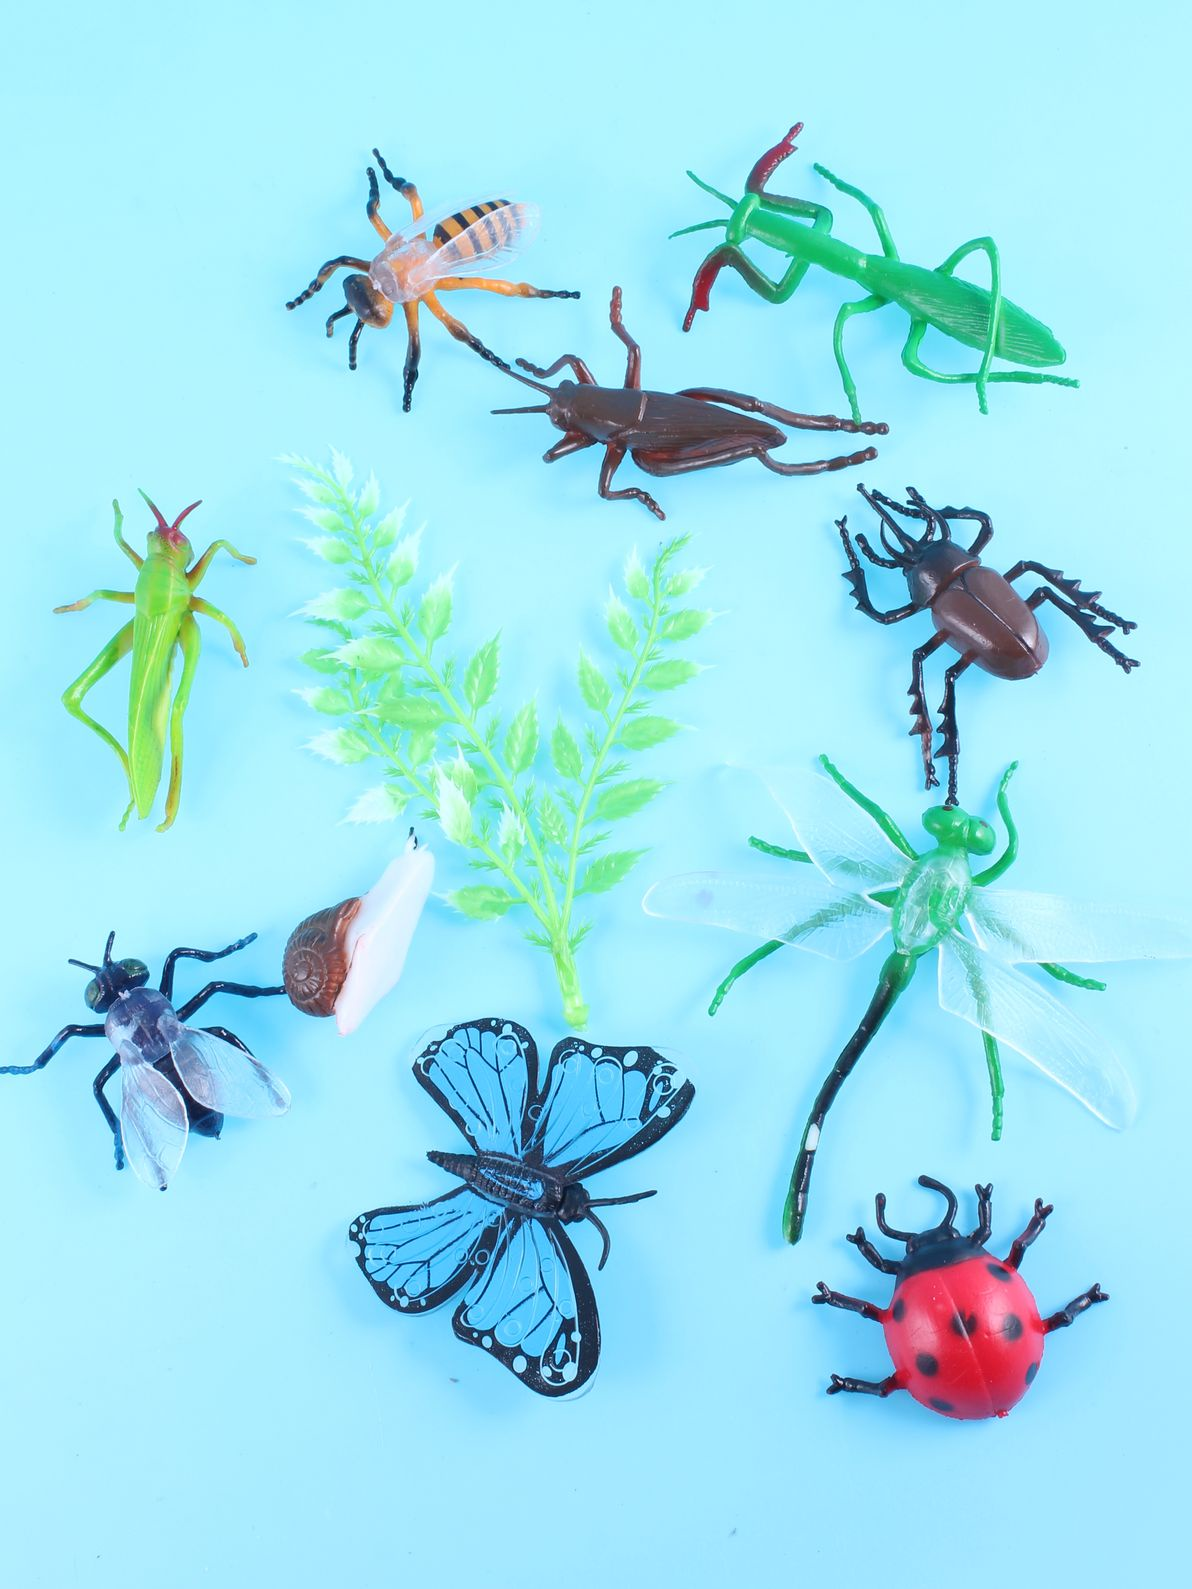 Игровой набор Радужки Насекомые, OS52 коричневый, голубой, зеленый радужки комплект дополнительных резиночек голубой